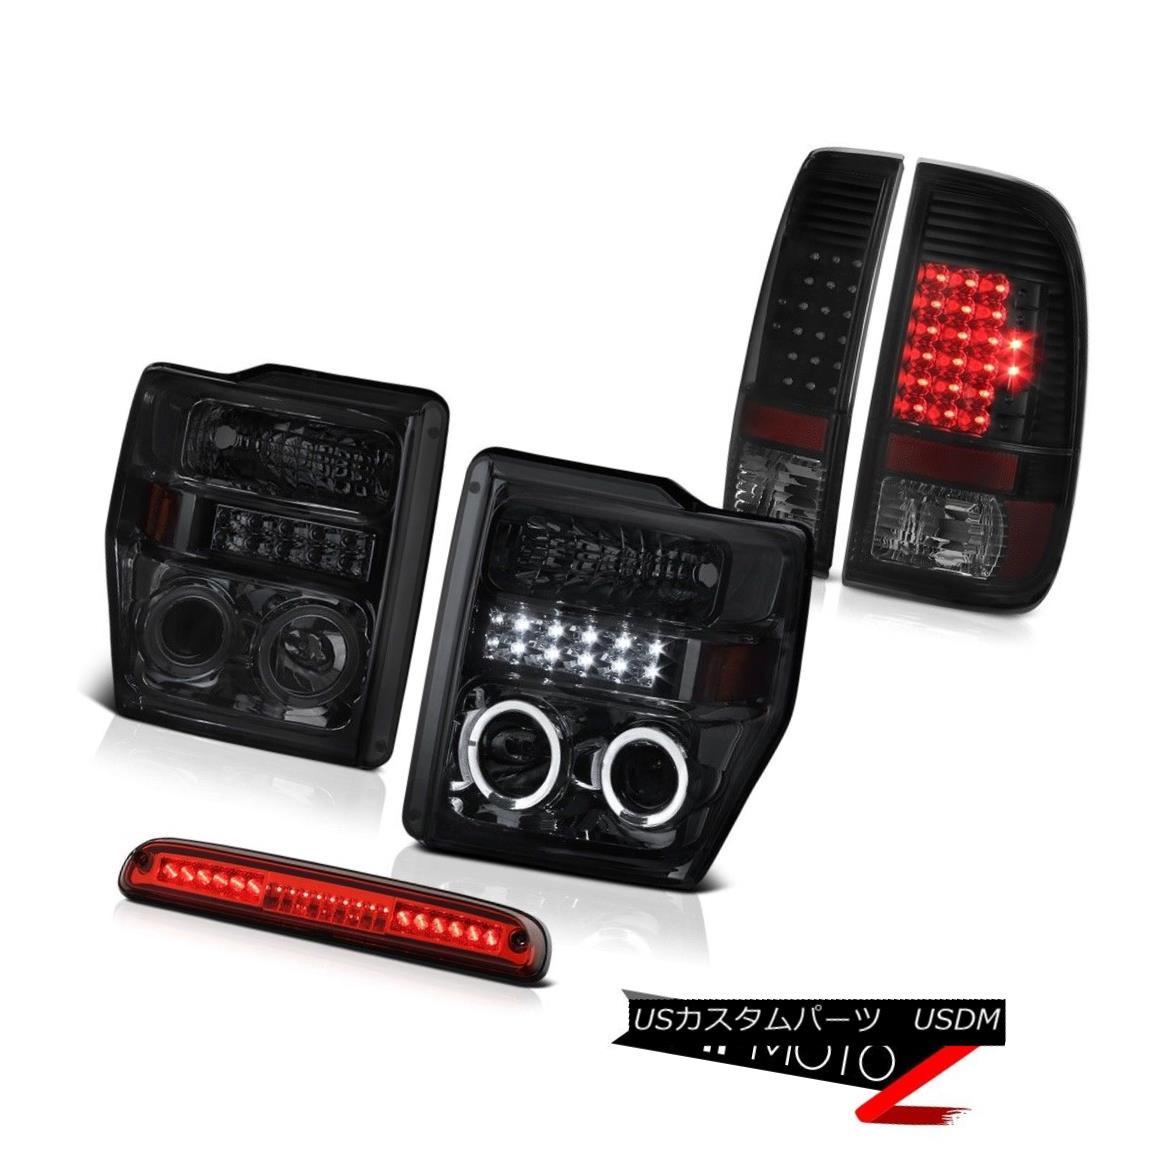 テールライト 08-10 F350 5.4L Smoke LED Halo Headlights Brake Tail Lights Wine Red Roof Stop 08-10 F350 5.4LスモークLEDハローヘッドライトブレーキテールライトワインレッドルーフストップ